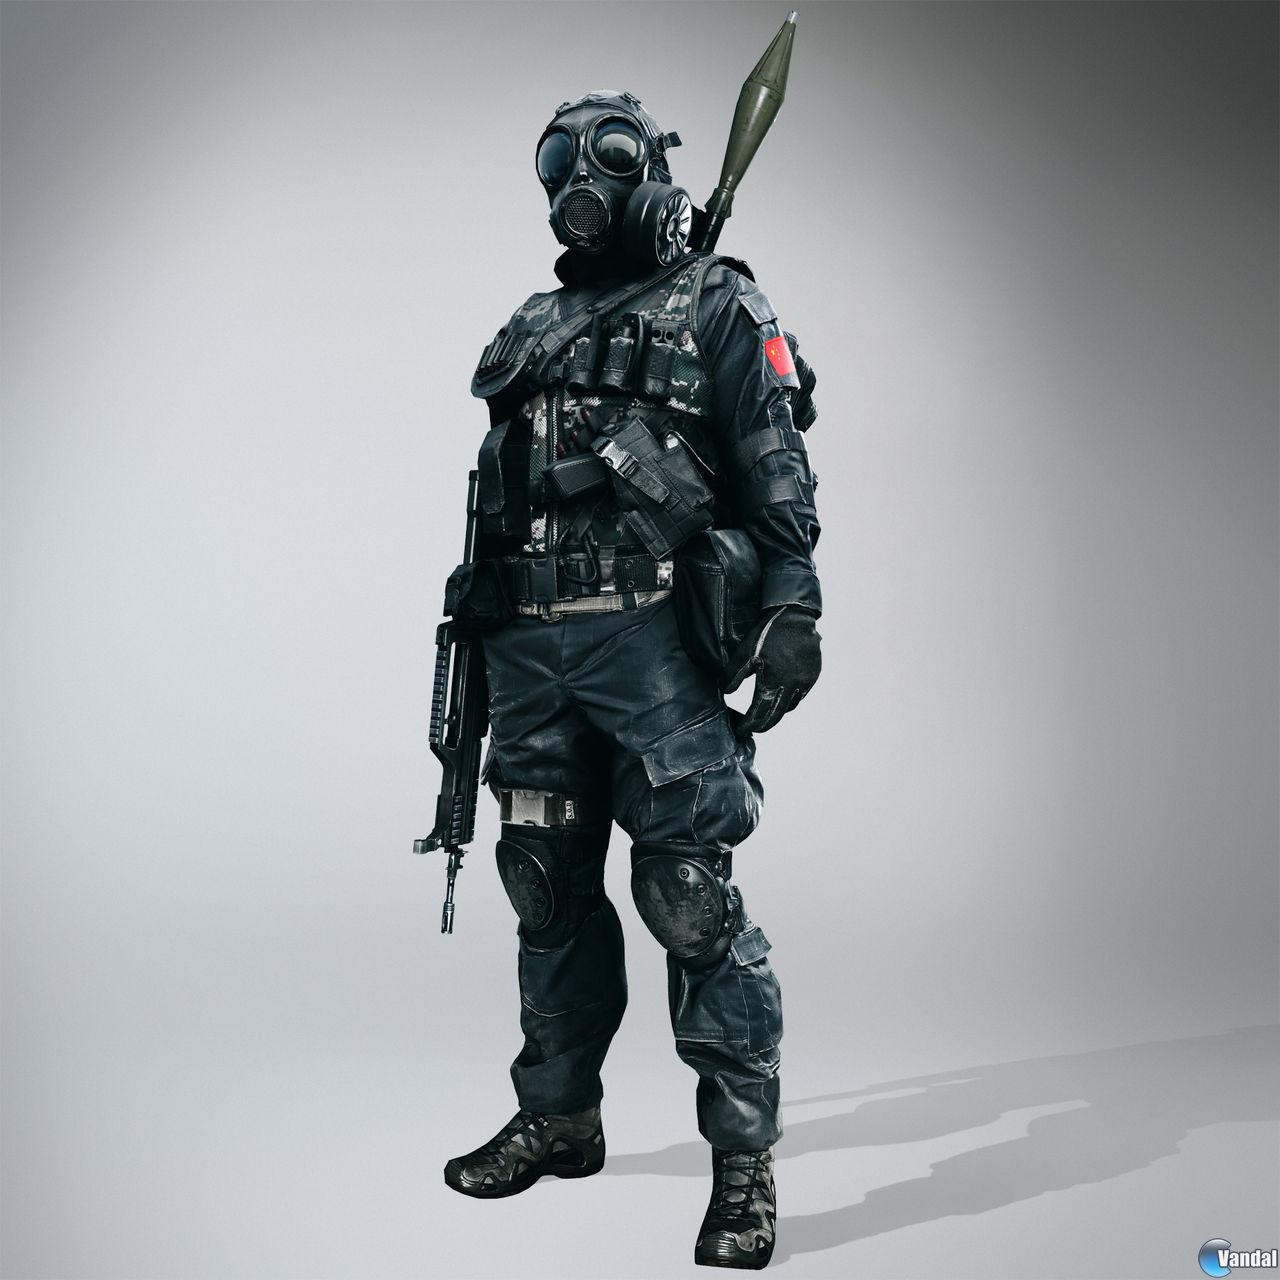 Todo sobre BATTLEFIED 4 [Actualizado] - Página 3 Battlefield-4-20138193450_1